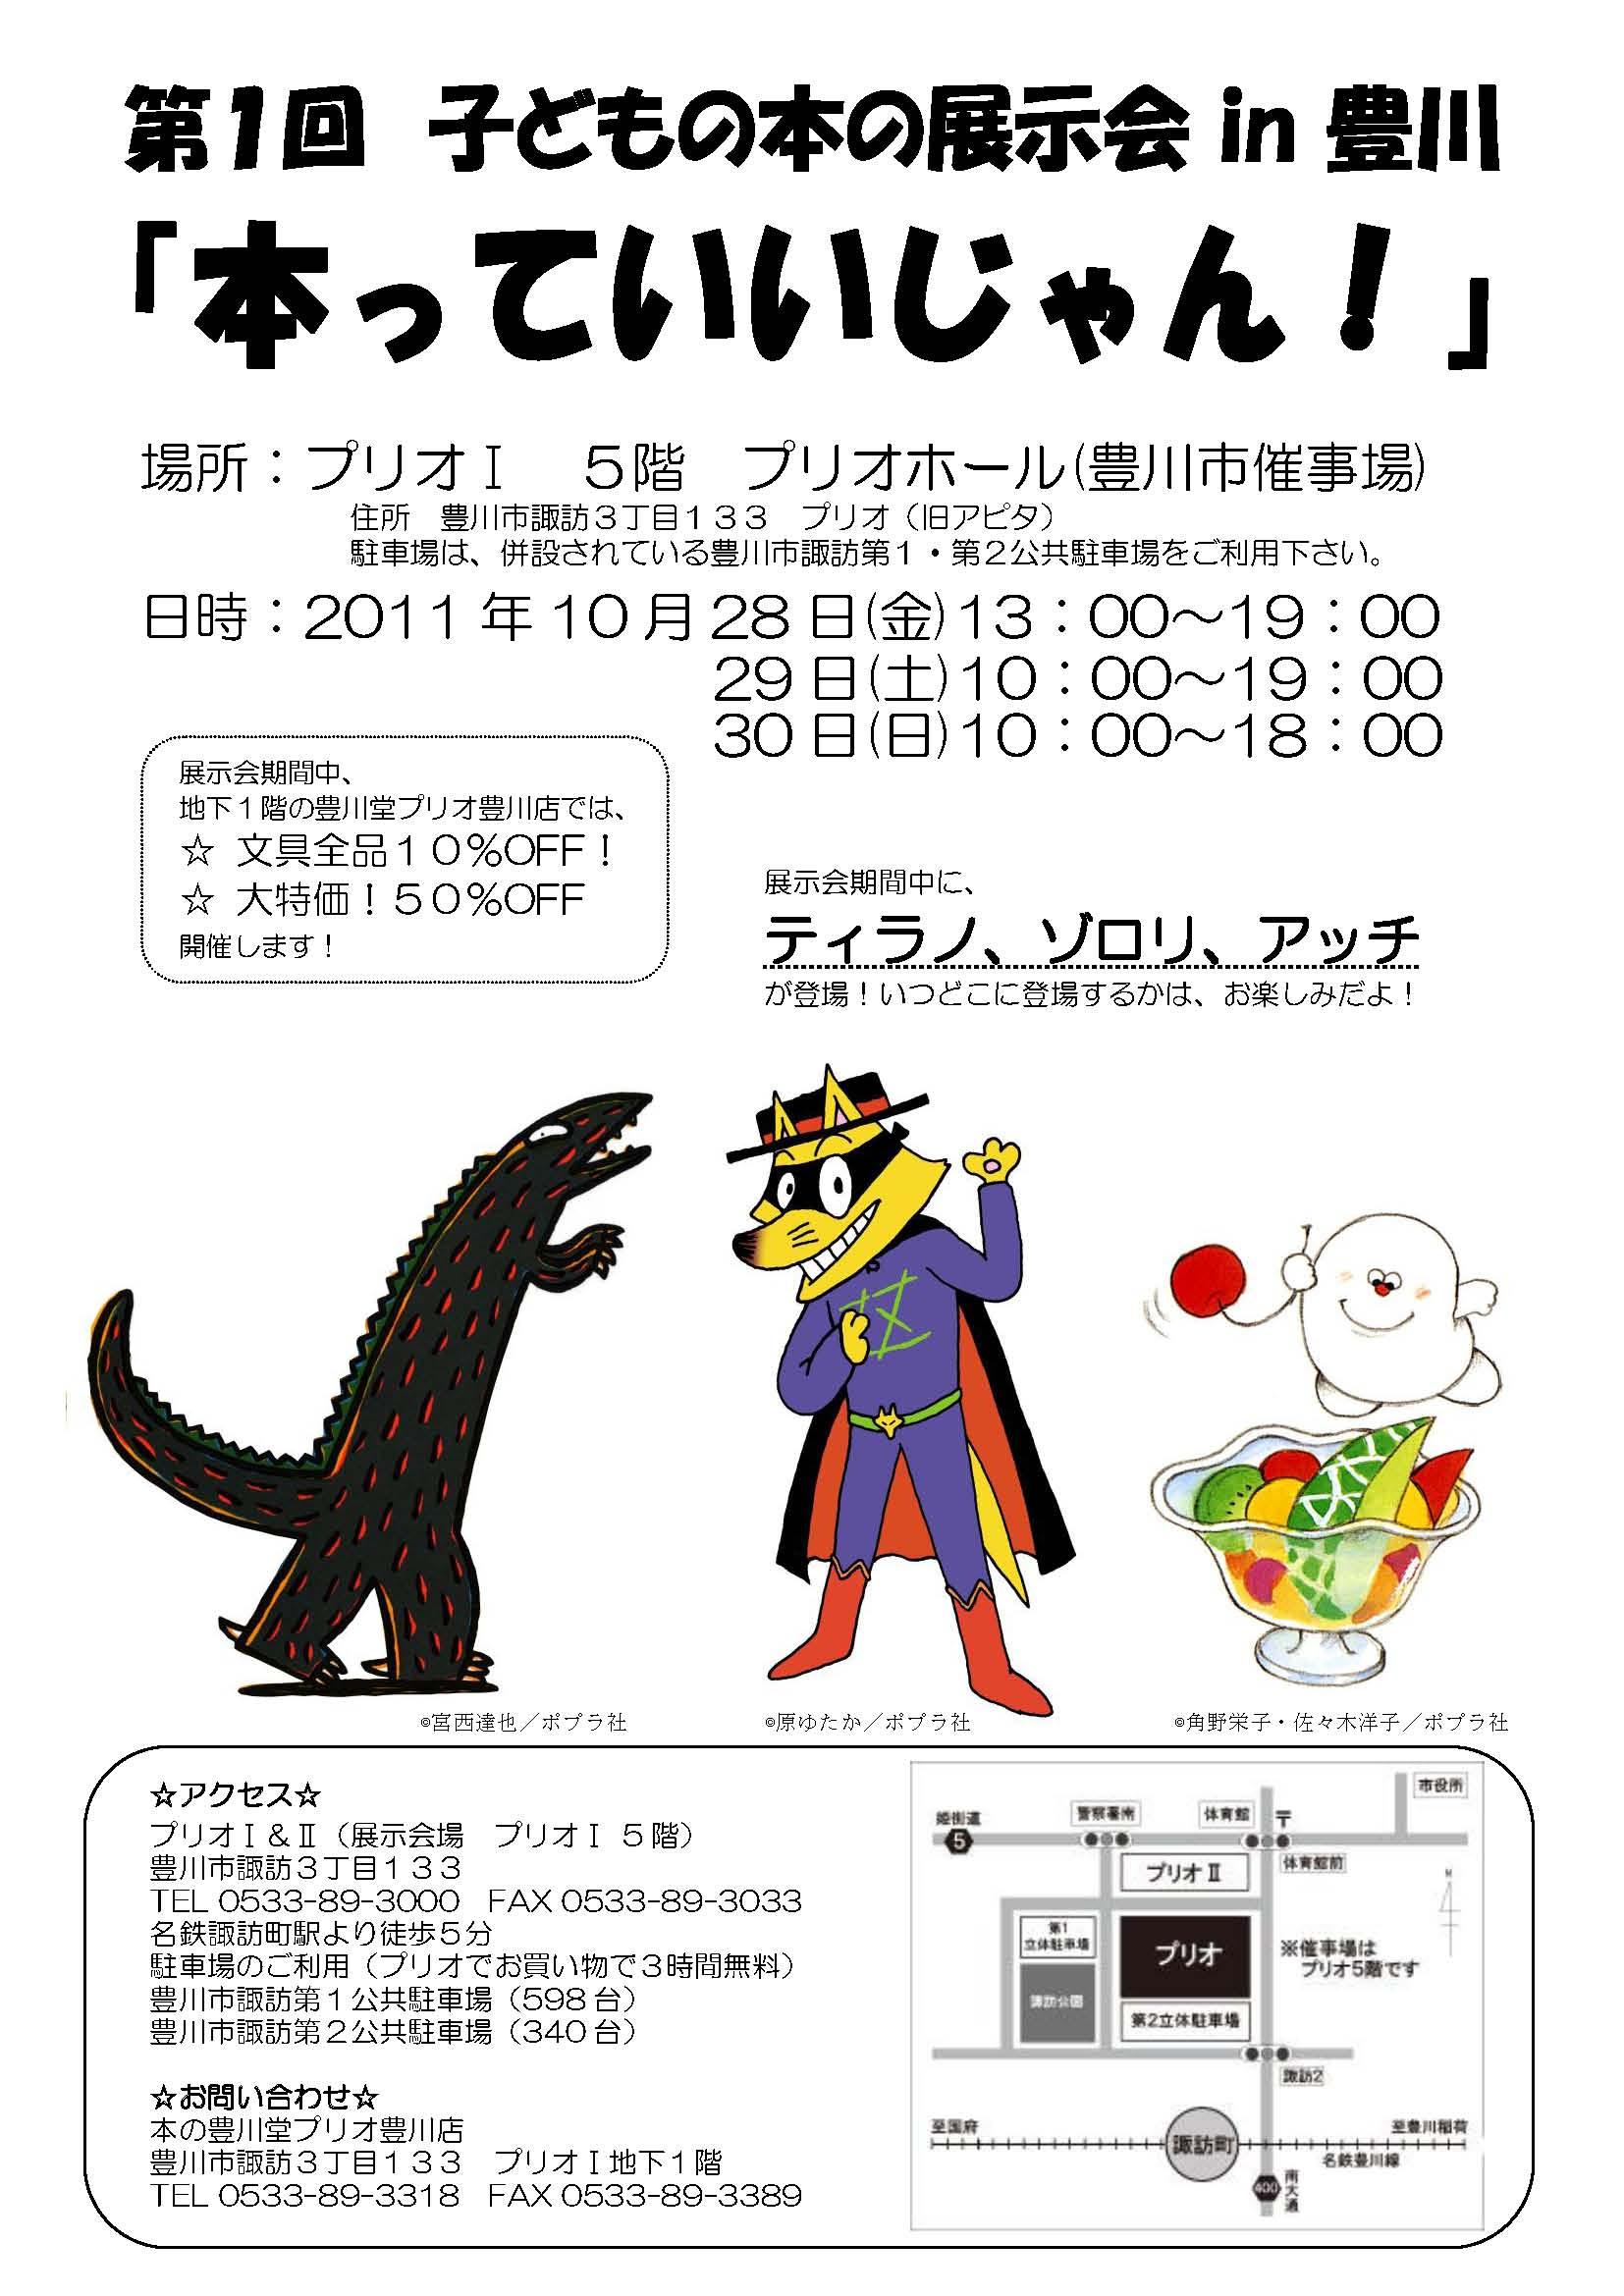 http://housendou.syoten-web.com/puroguramu-omote.jpg